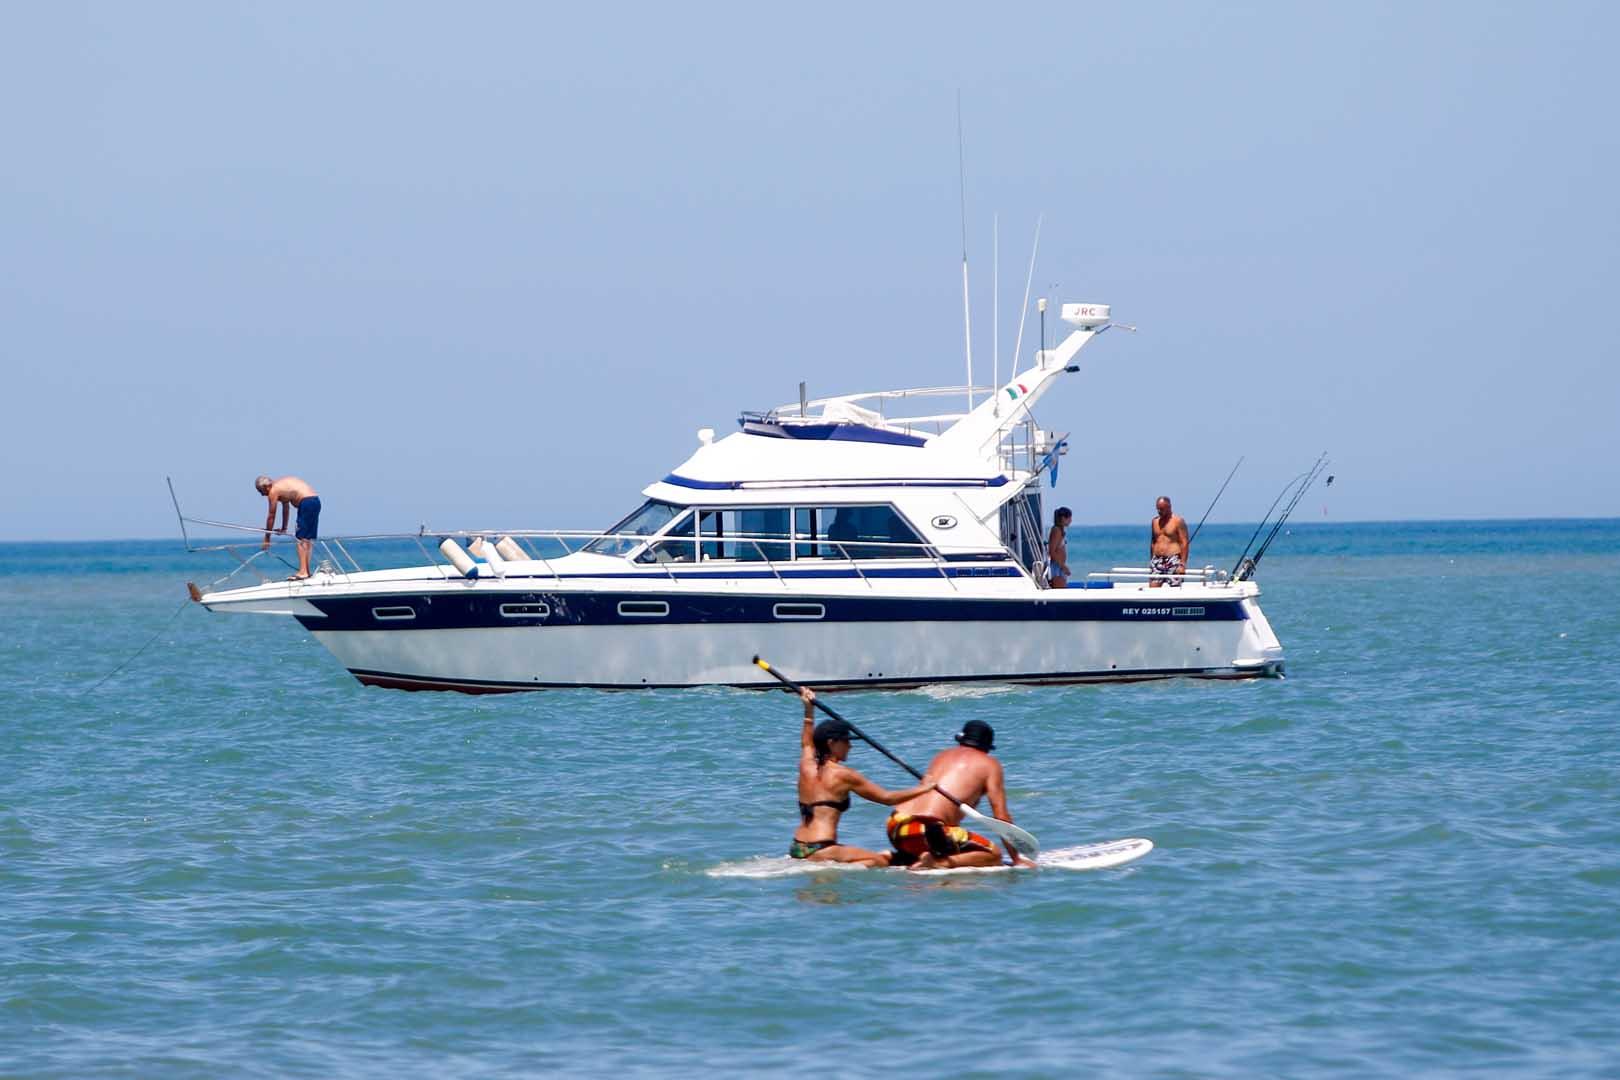 Mar del Plata vivió un fin de semana a pleno sol: el Servicio Meteorológico Nacional informó que las altas temperaturas se mantendrán durante el lunes y martes